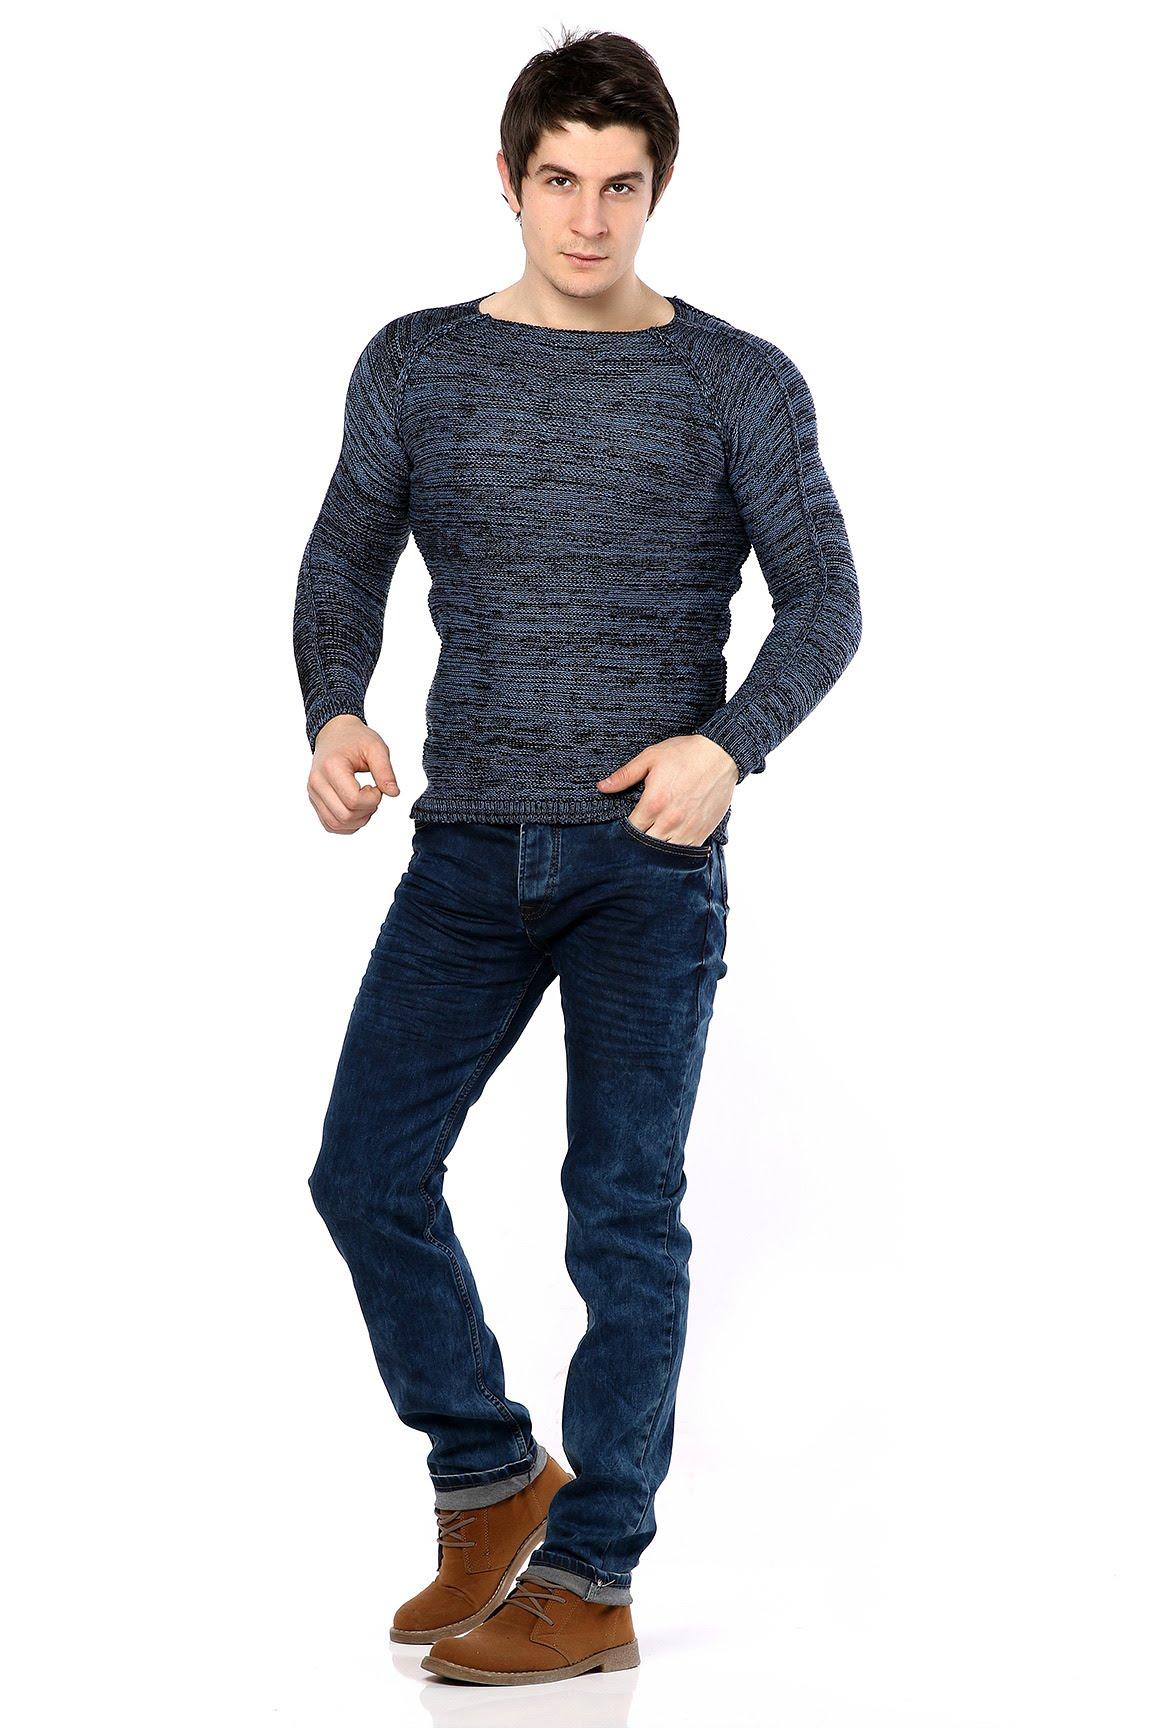 بالصور اشيك لبس للشباب , ملابس شبابيه جديدة 4623 4